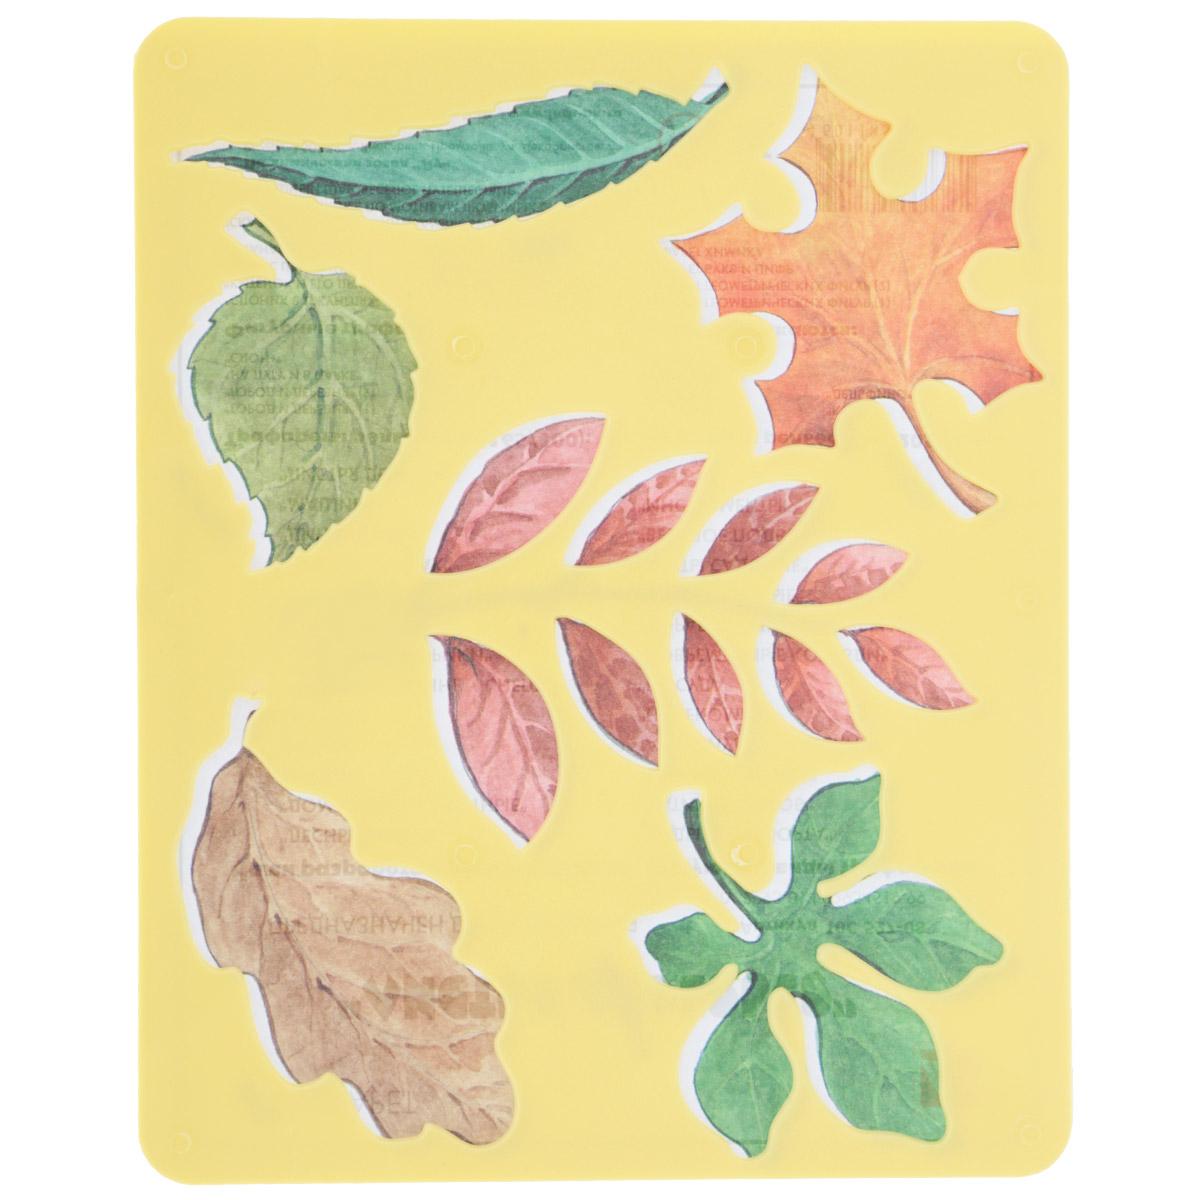 Луч Трафарет прорезной Листья деревьев цвет желтый10С 527-08Трафарет Луч Листья деревьев, выполненный из безопасного пластика, предназначен для детского творчества. По трафарету маленькие художники смогут нарисовать листочки различных деревьев. Для этого необходимо положить трафарет на лист бумаги, обвести фигуру по контуру и раскрасить по своему вкусу или глядя на цветную картинку-образец. Трафареты предназначены для развития у детей мелкой моторики и зрительно-двигательной координации, навыков художественной композиции и зрительного восприятия.